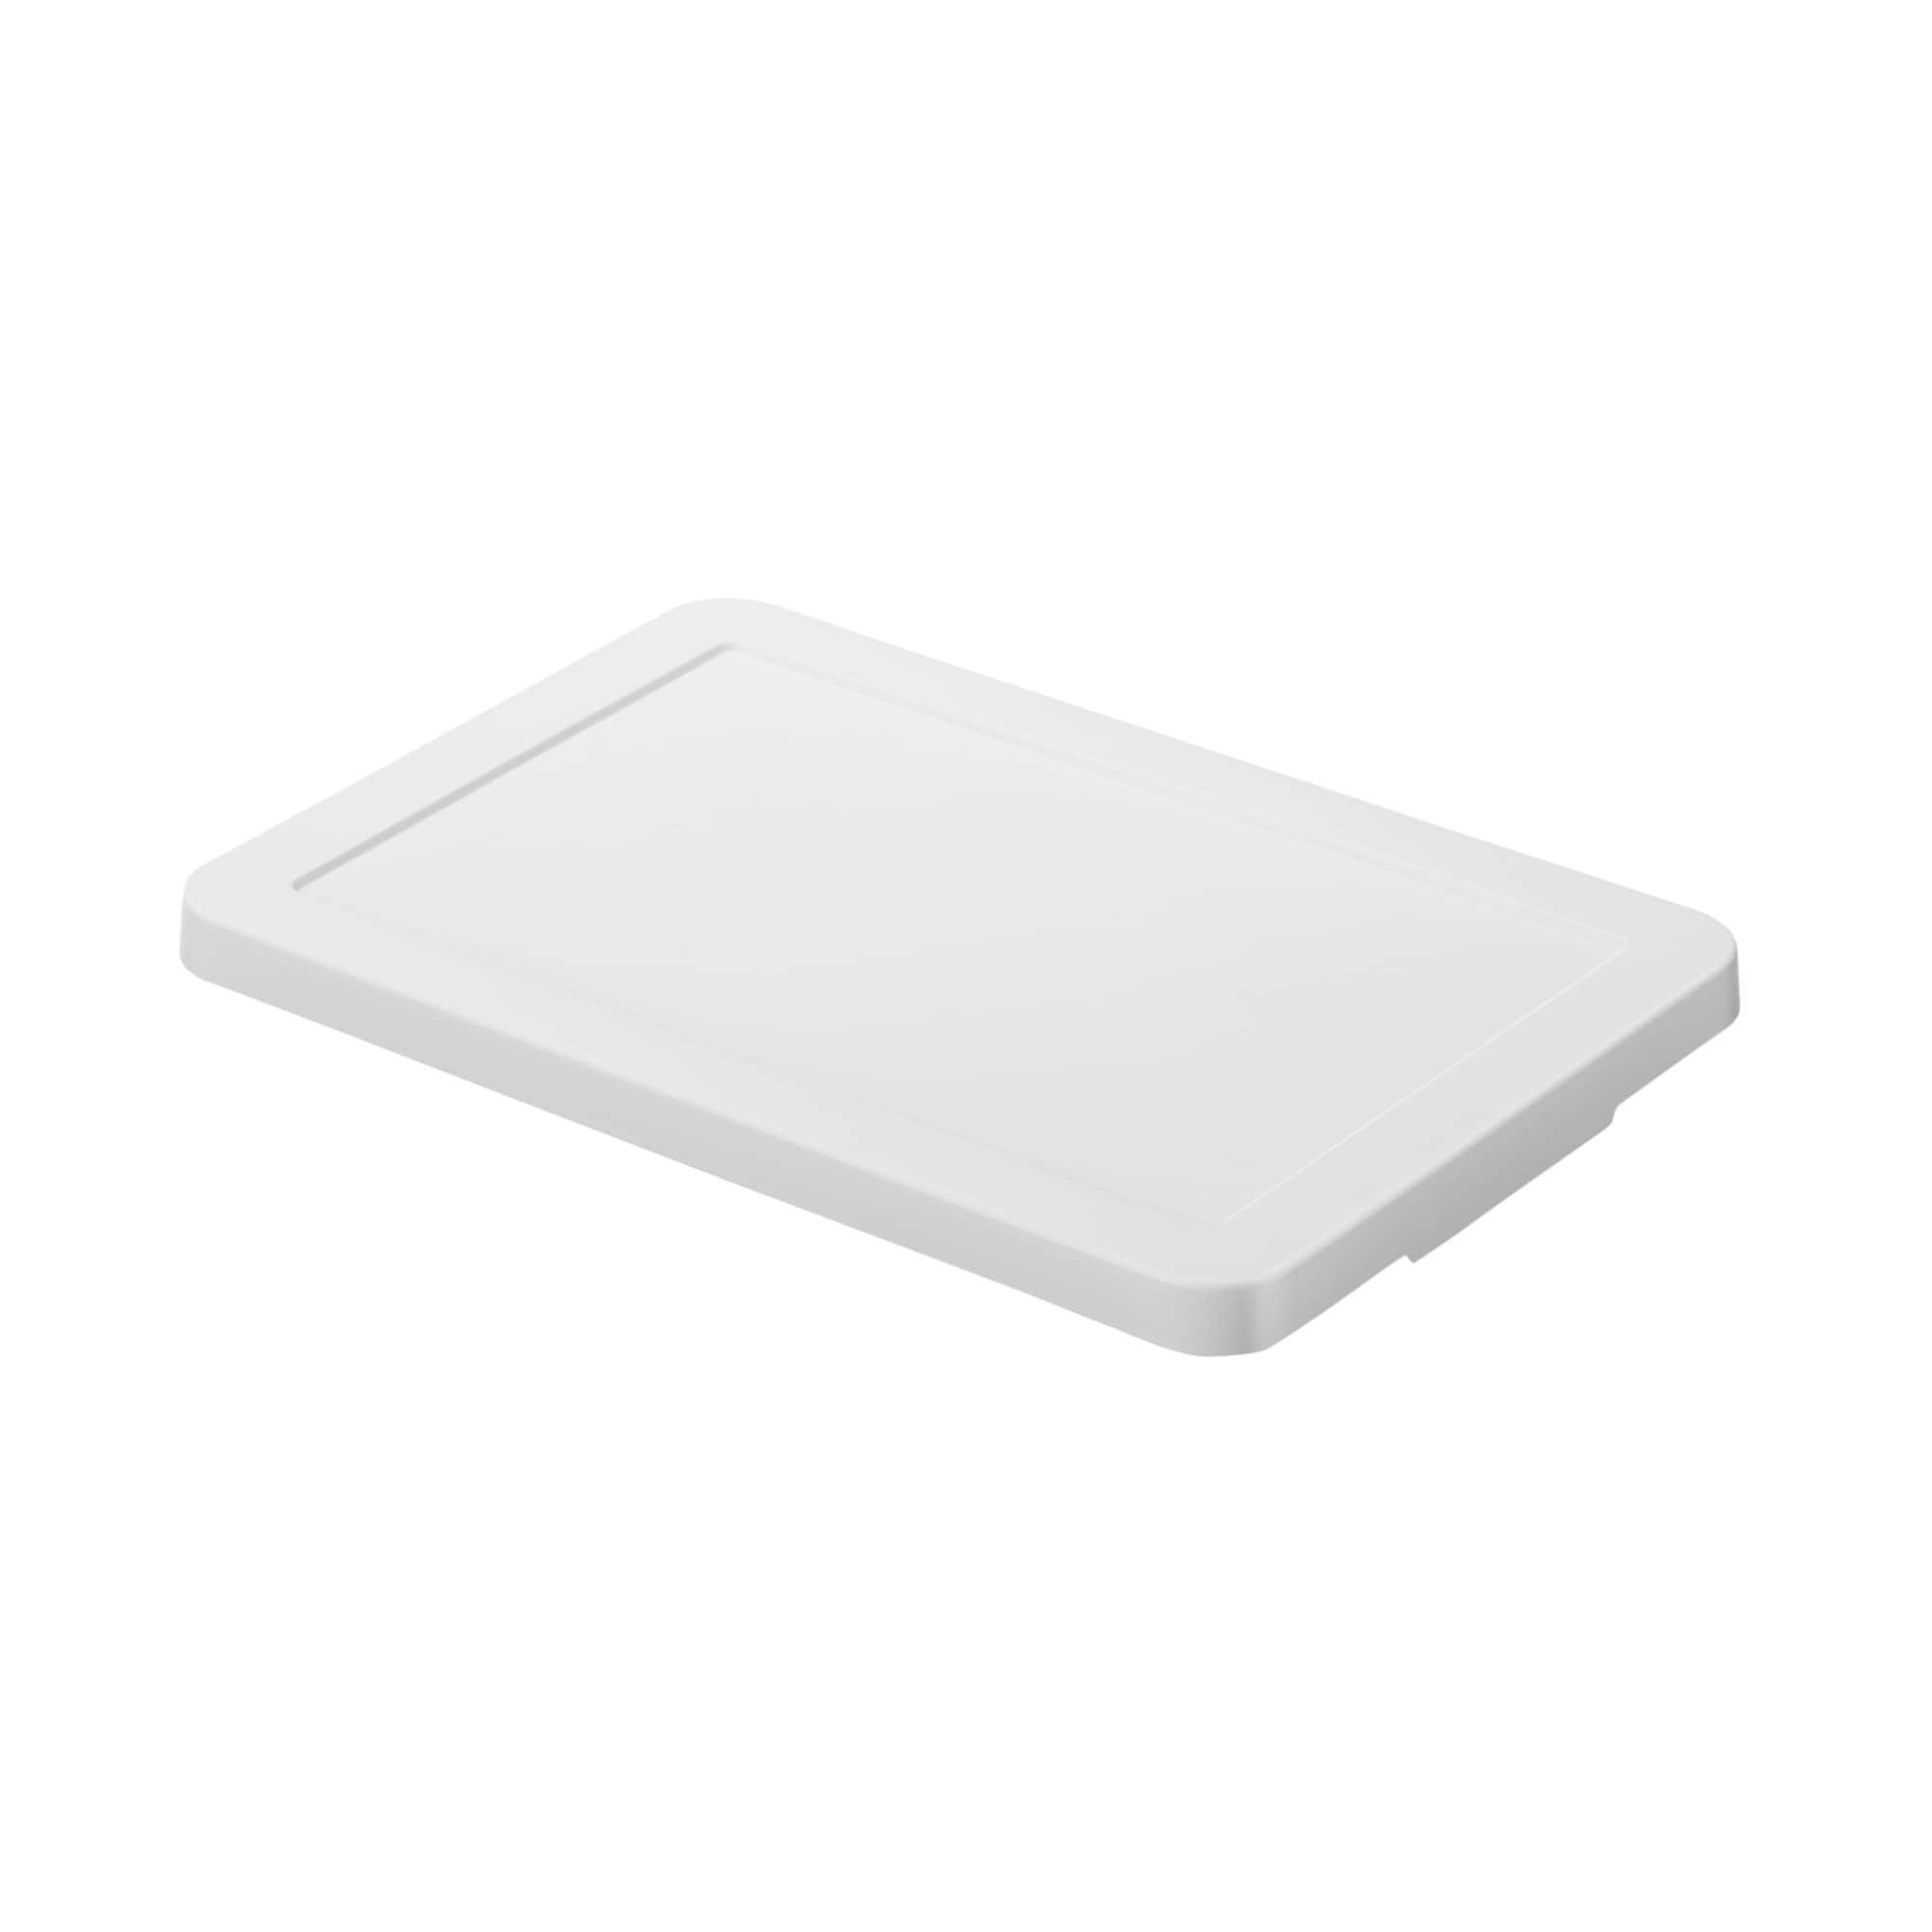 [무인양품] MUJI 폴리프로필렌 수납박스 뚜껑・화이트 그레이 일본공식스토어 상품